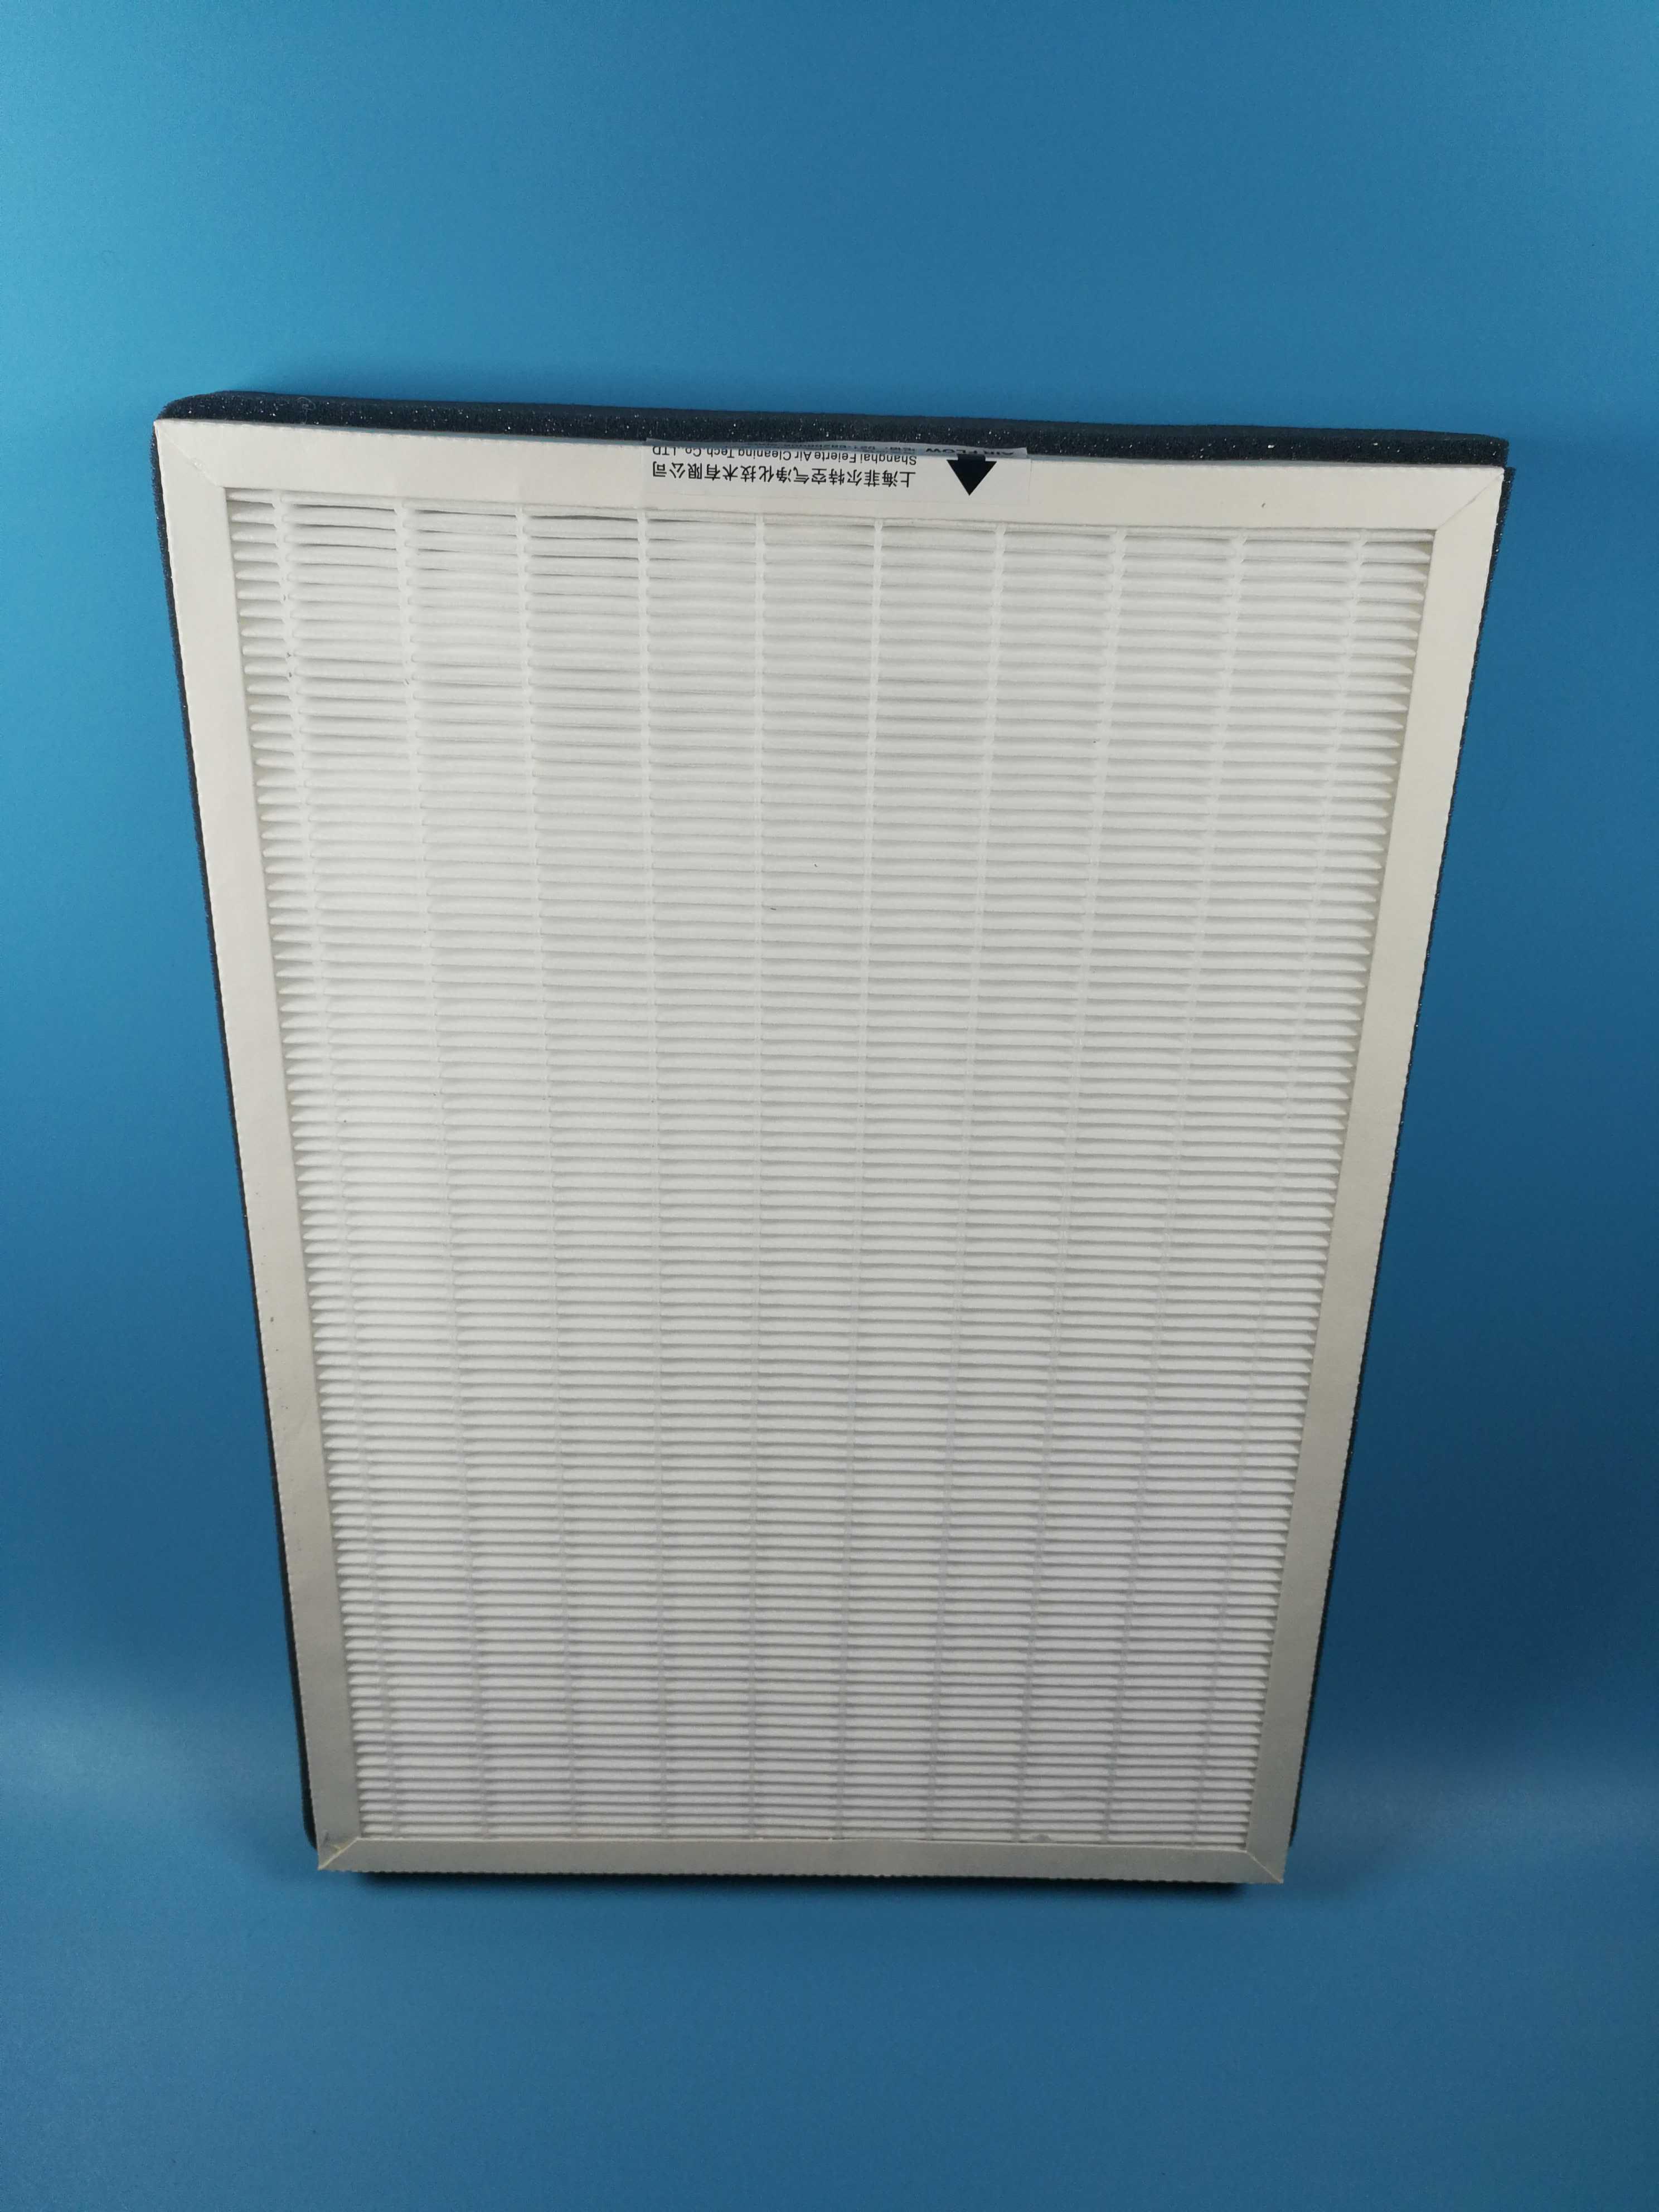 [菲尔特过滤器净化,加湿抽湿机配件]3M空气净化器滤网MFAF-1适配K月销量0件仅售98元